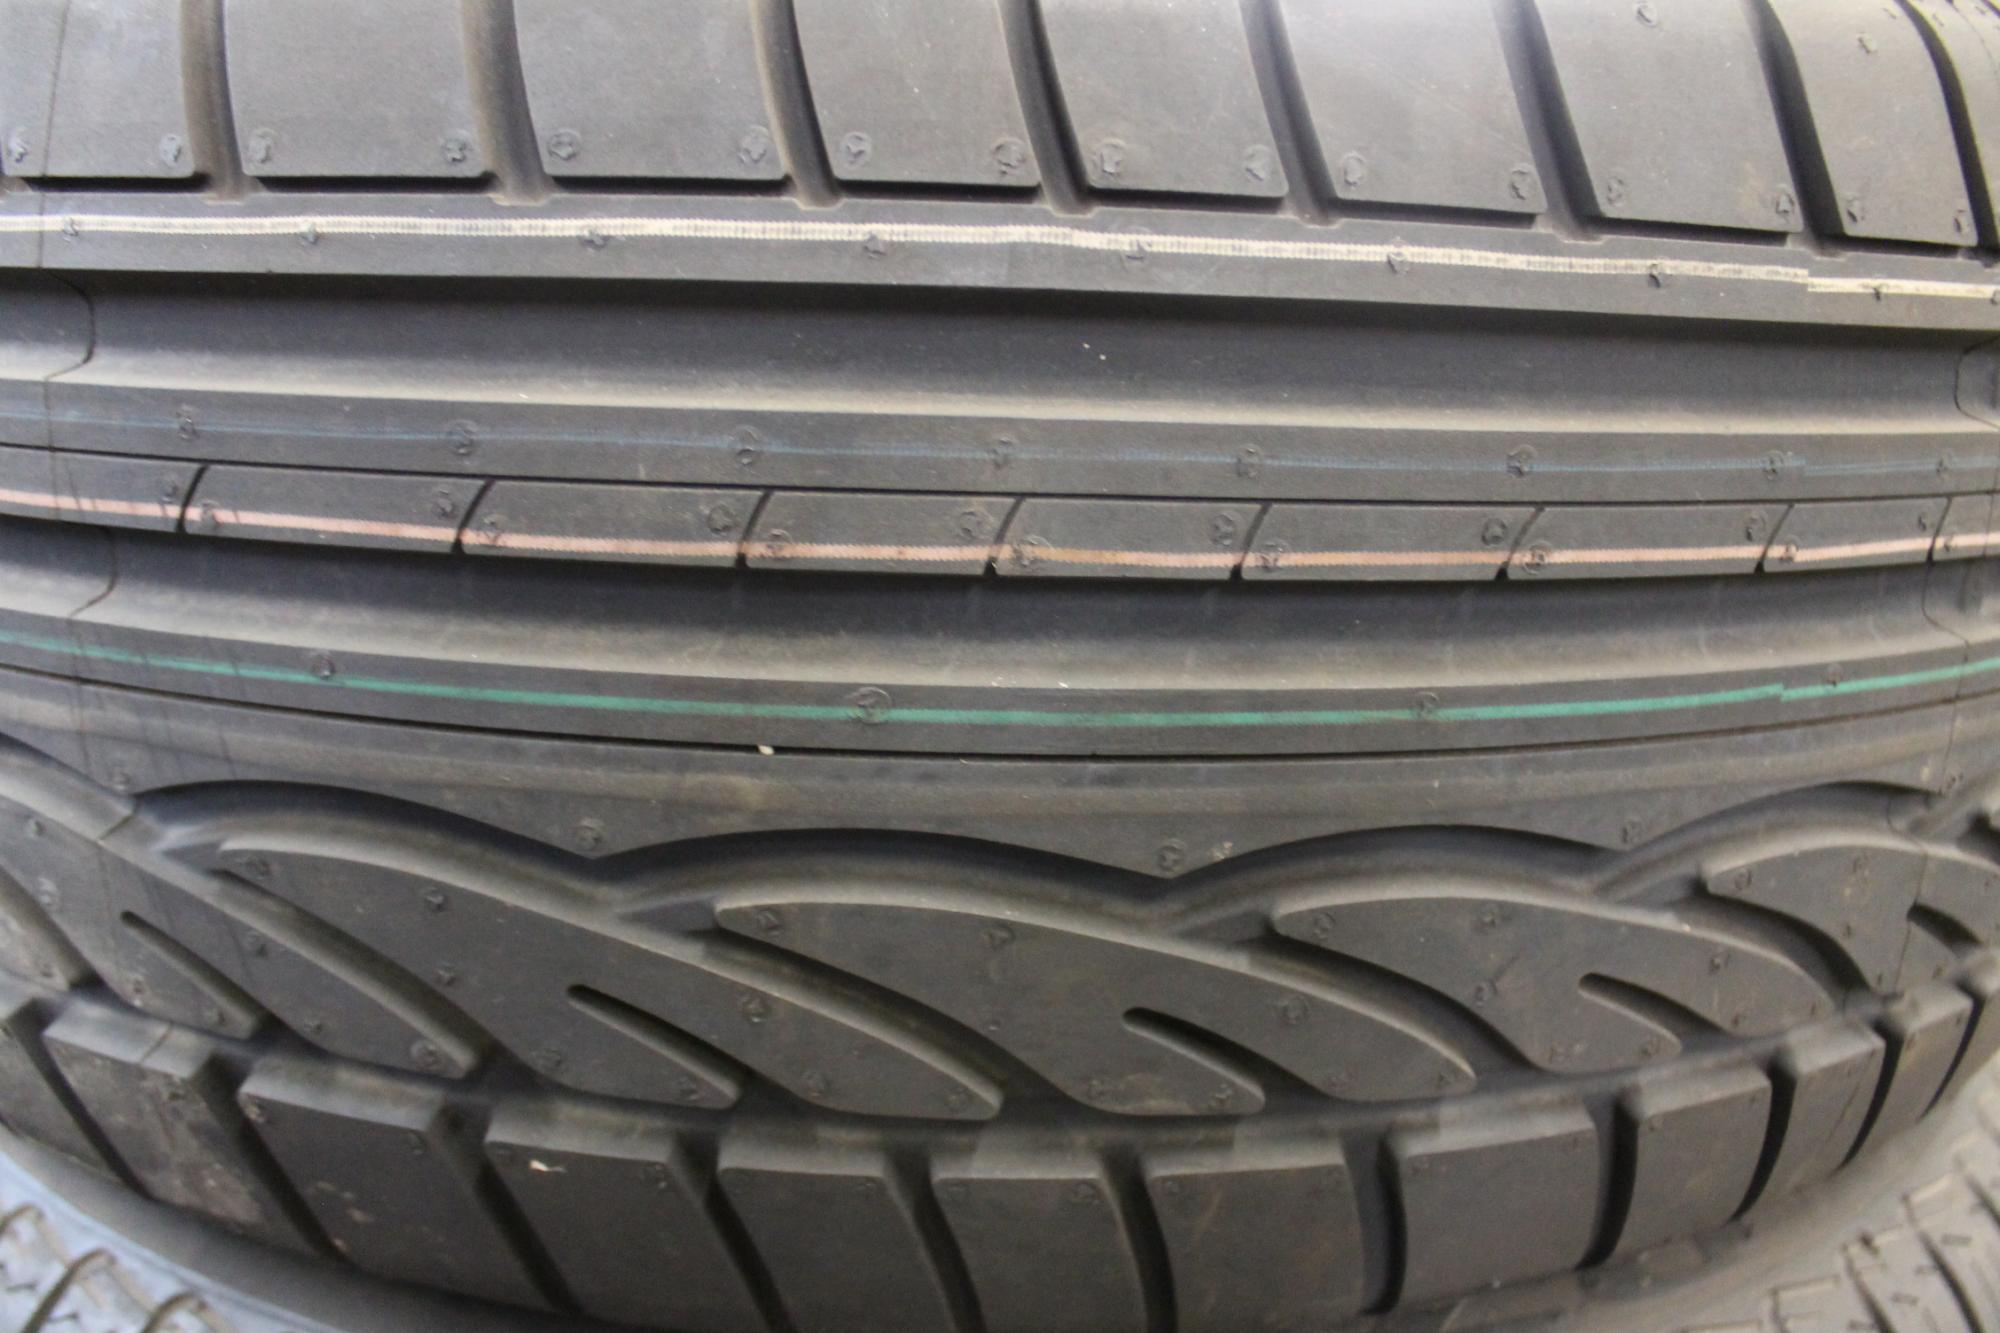 dunlop sport 01 215 50 r17 95v 215 50 17 dot2013 new normal tyre ebay. Black Bedroom Furniture Sets. Home Design Ideas